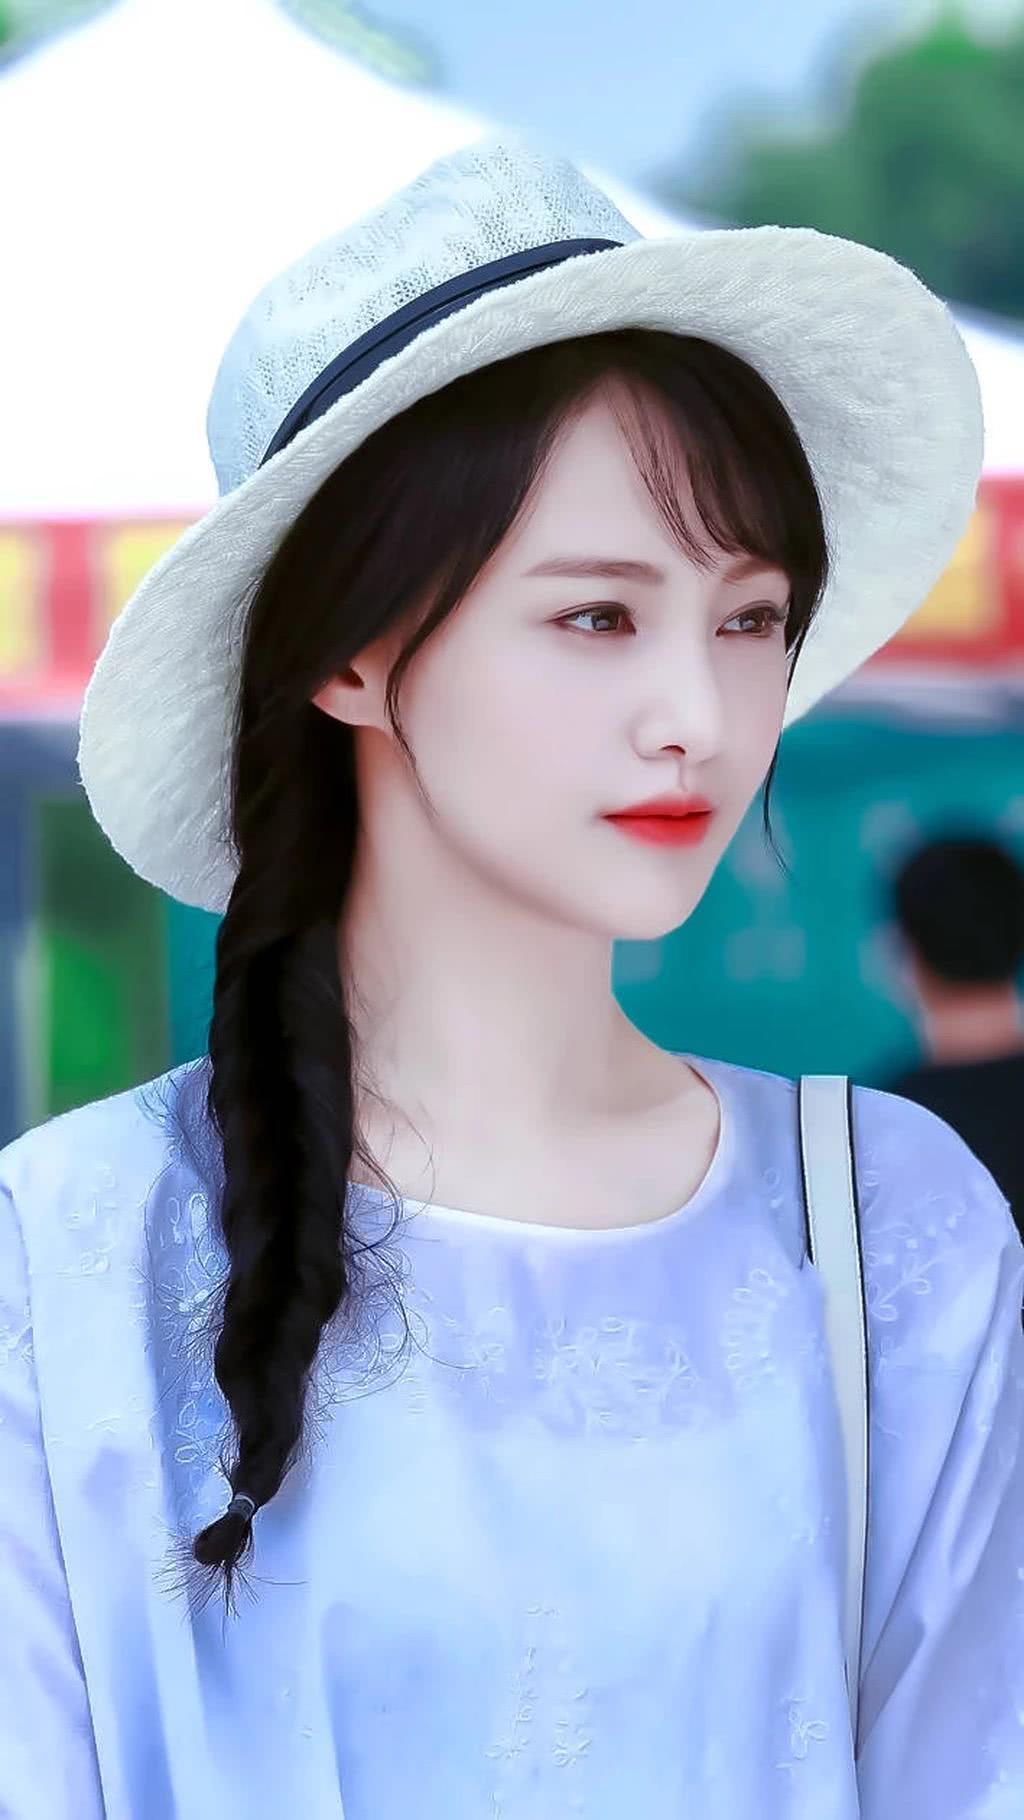 鄭爽談替身妍妍,原來她是因為這個才和她成為了好朋友